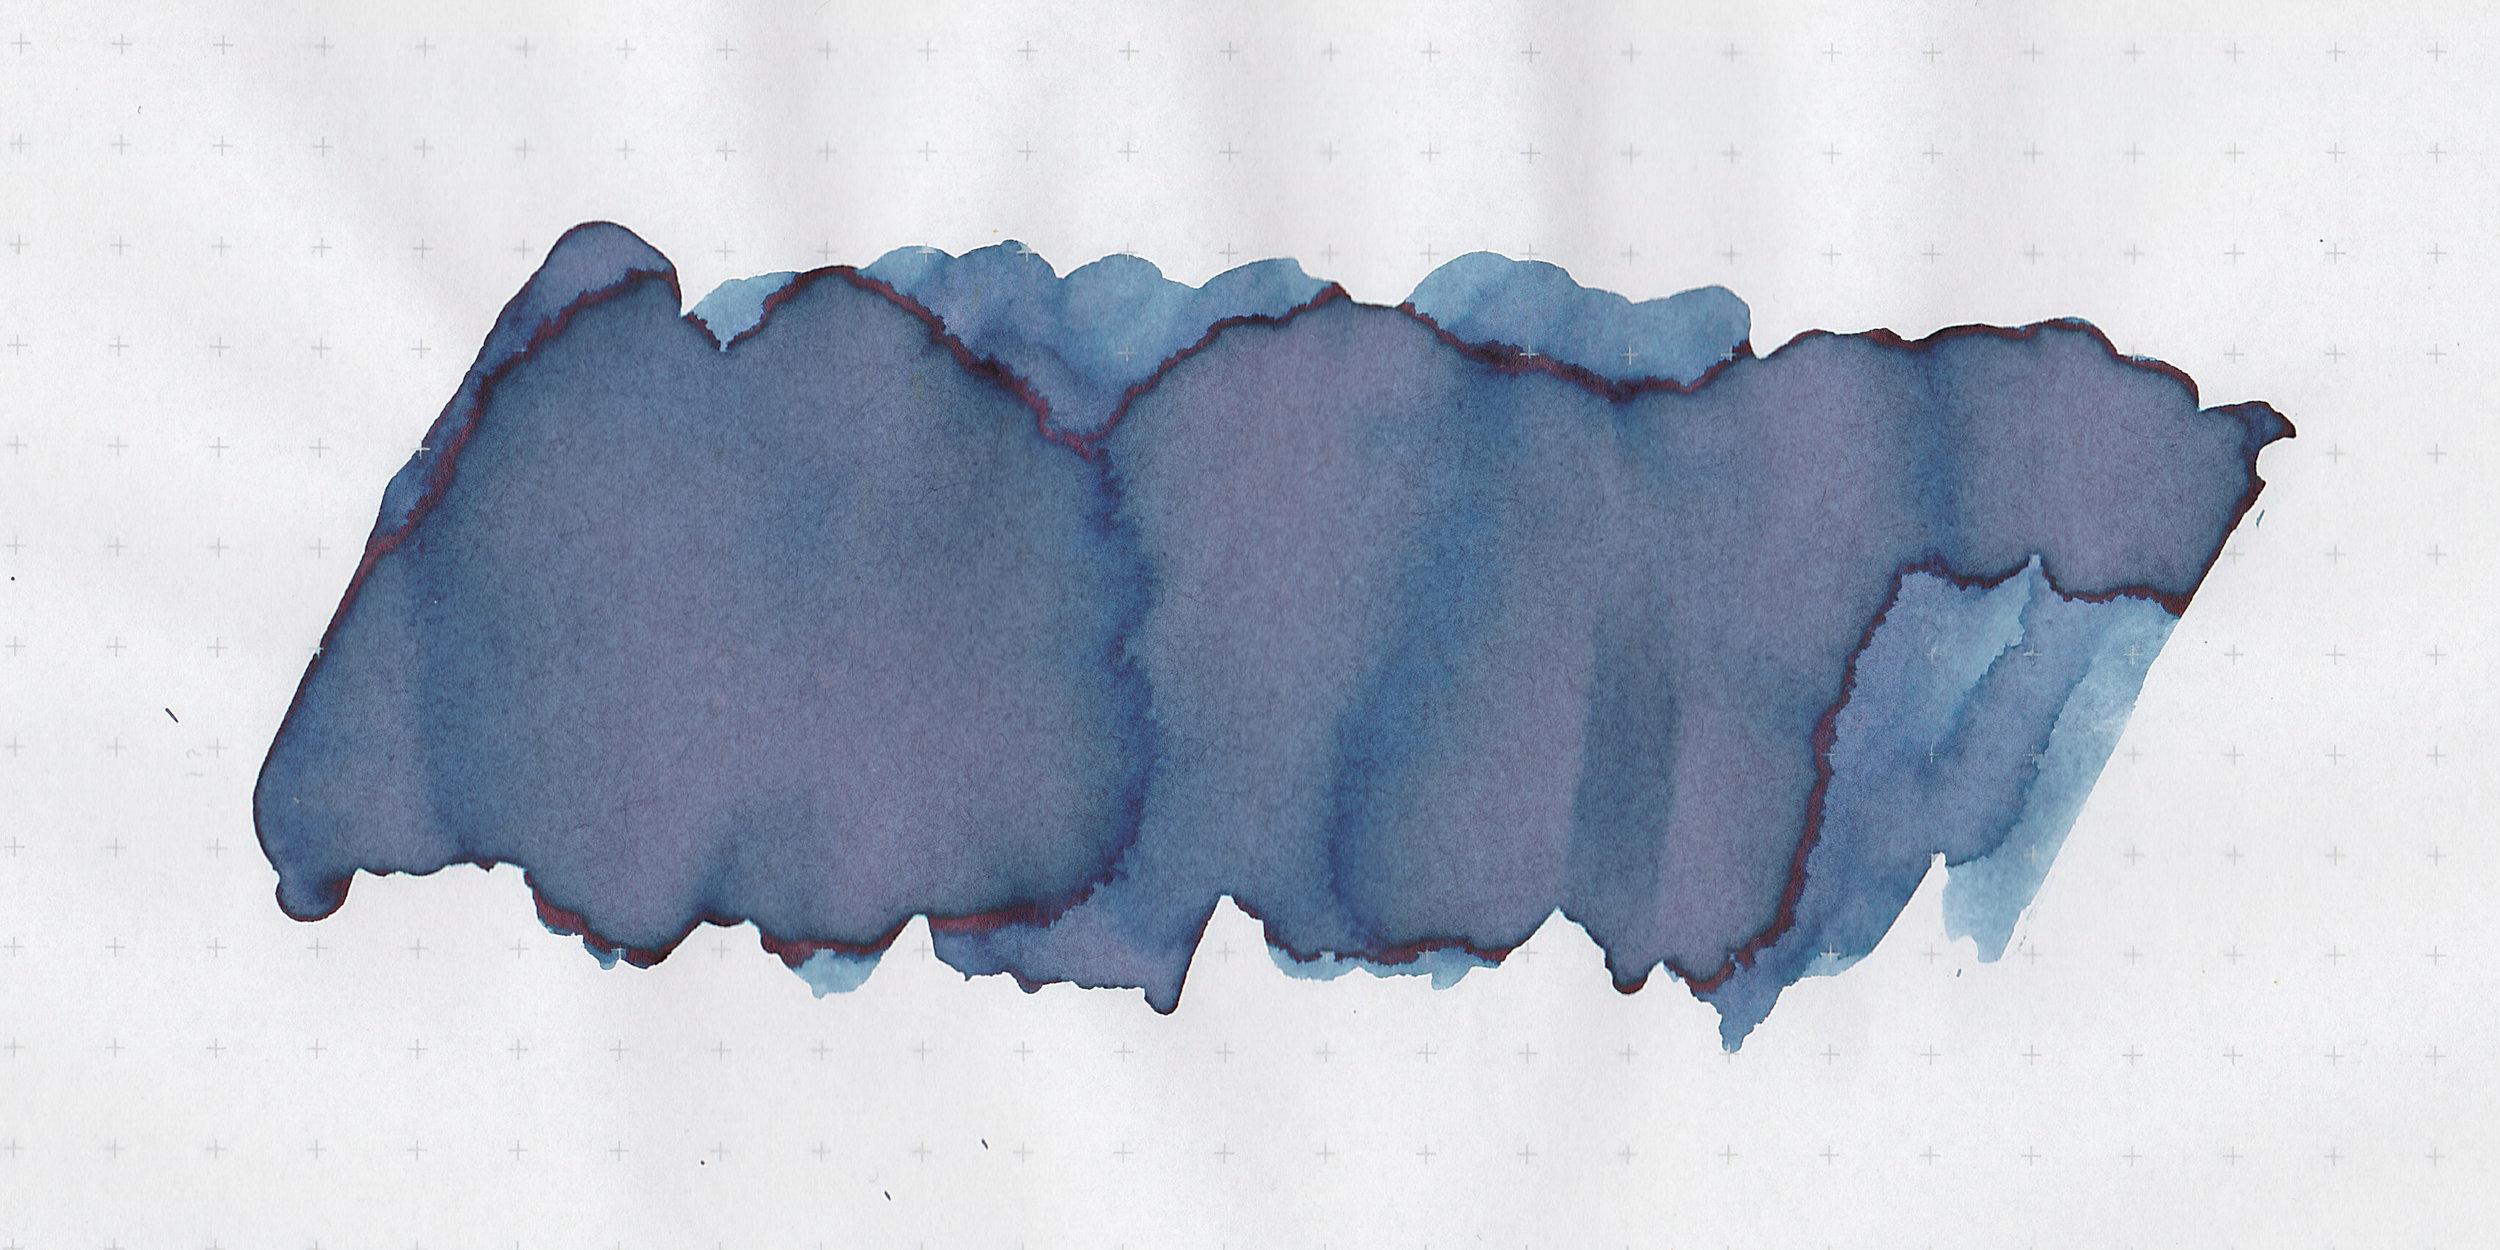 ro-darkstar-blue-8.jpg